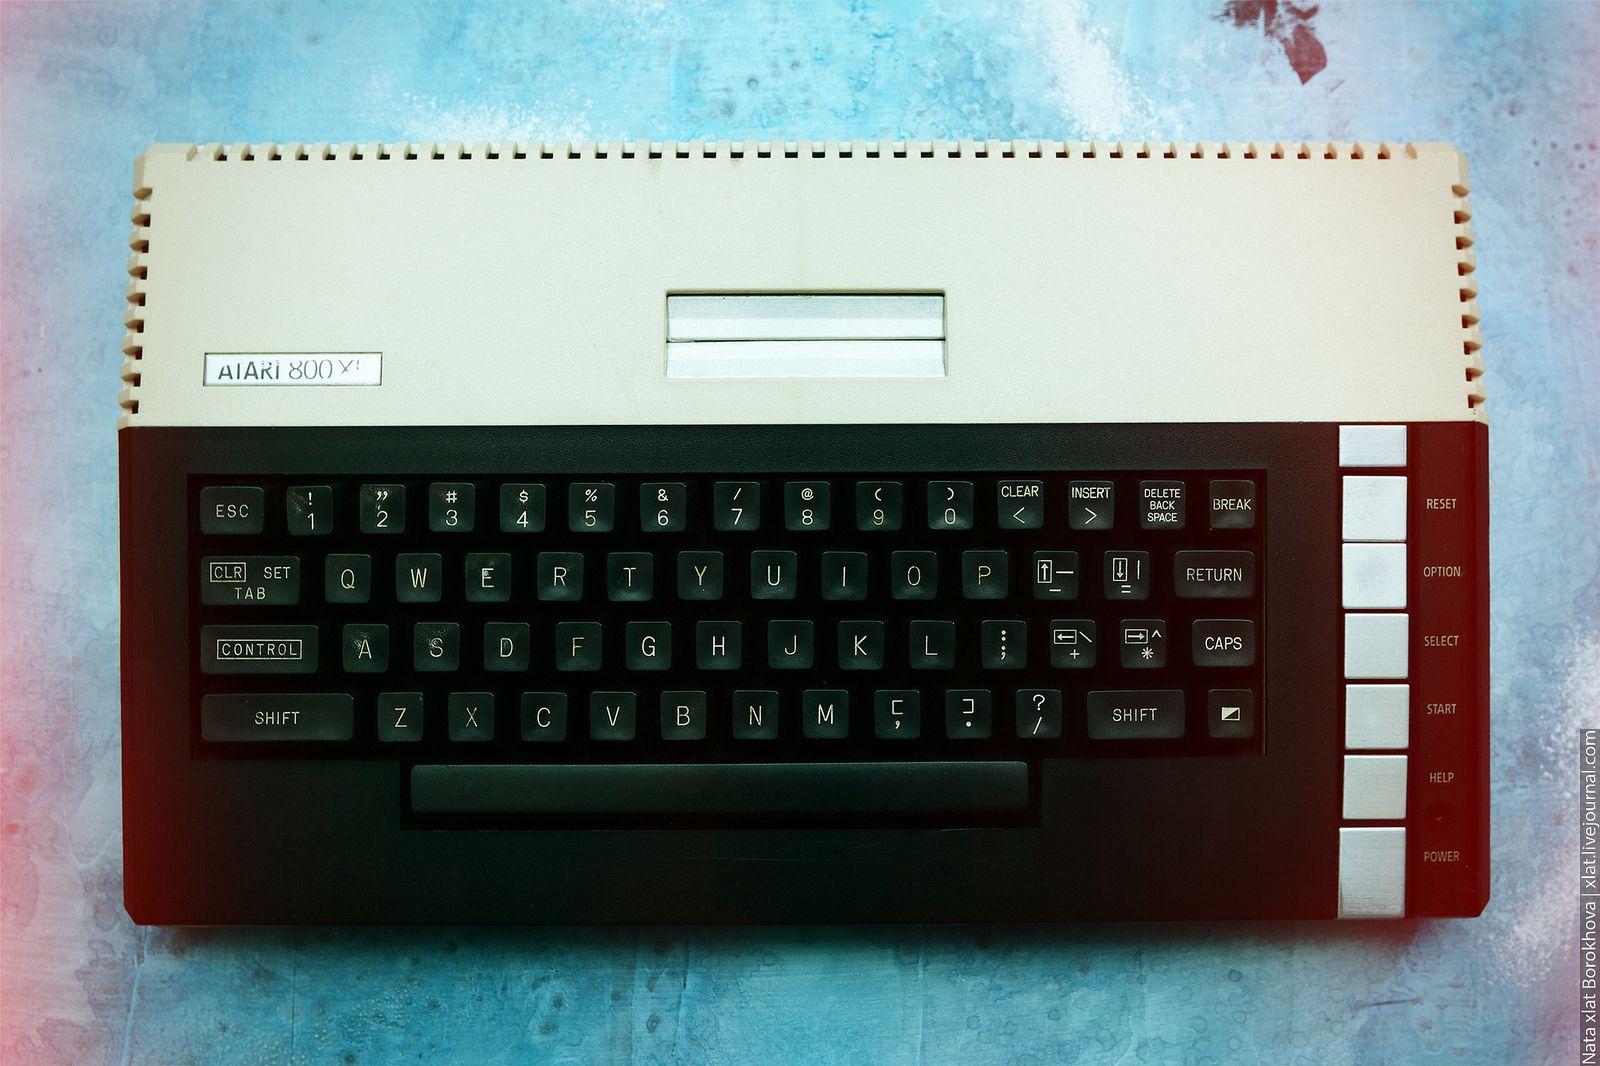 Atari 800XL Atari, Computer keyboard, Computer